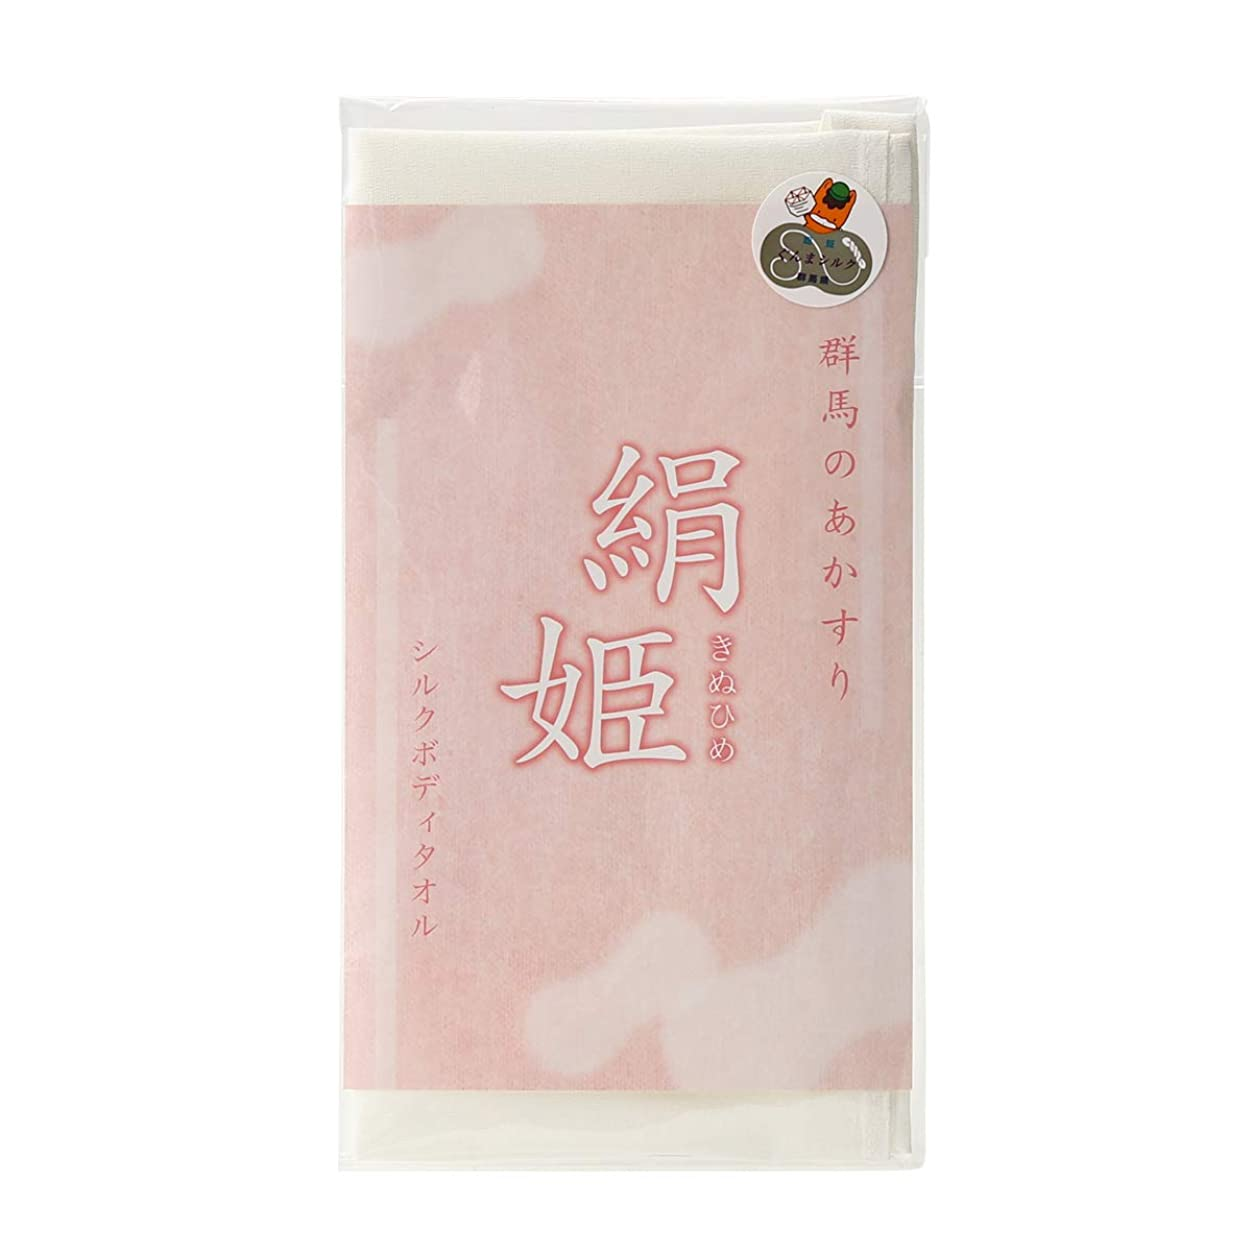 細心の情熱損なう[ハッピーシルク ] 絹姫 (きぬひめ) ボディータオル シルクあかすり 00245